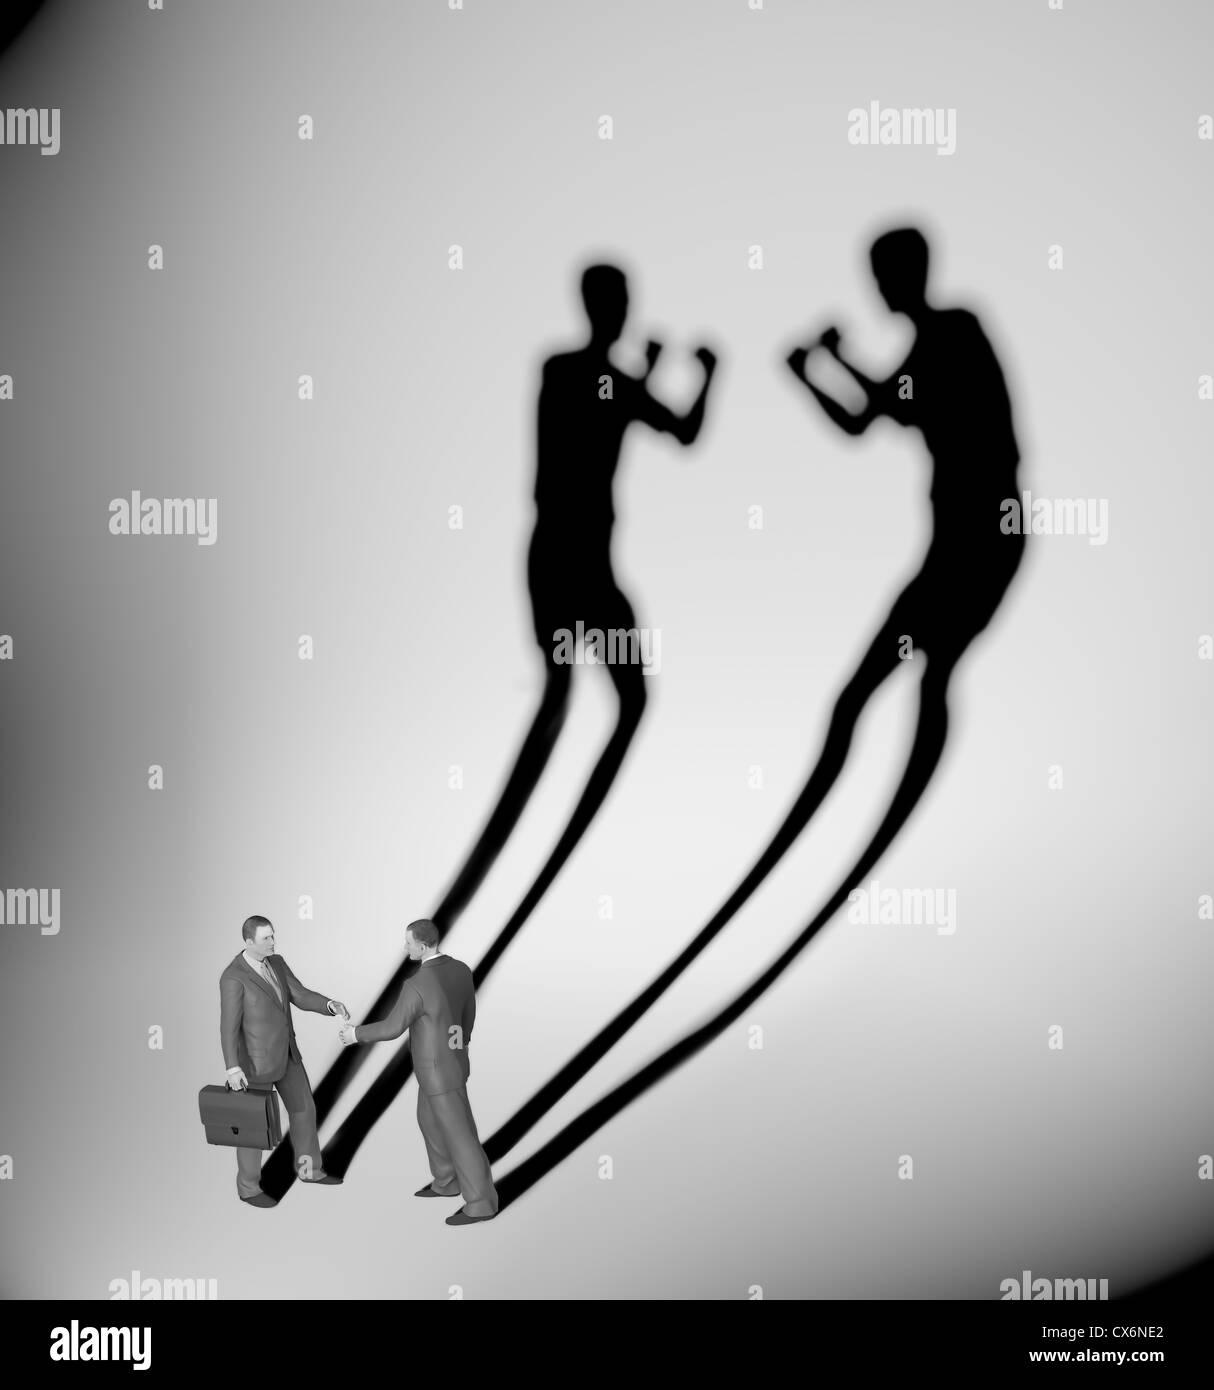 Zwei Unternehmer wirft einen Schatten geformt wie zwei Kämpfer Stockfoto